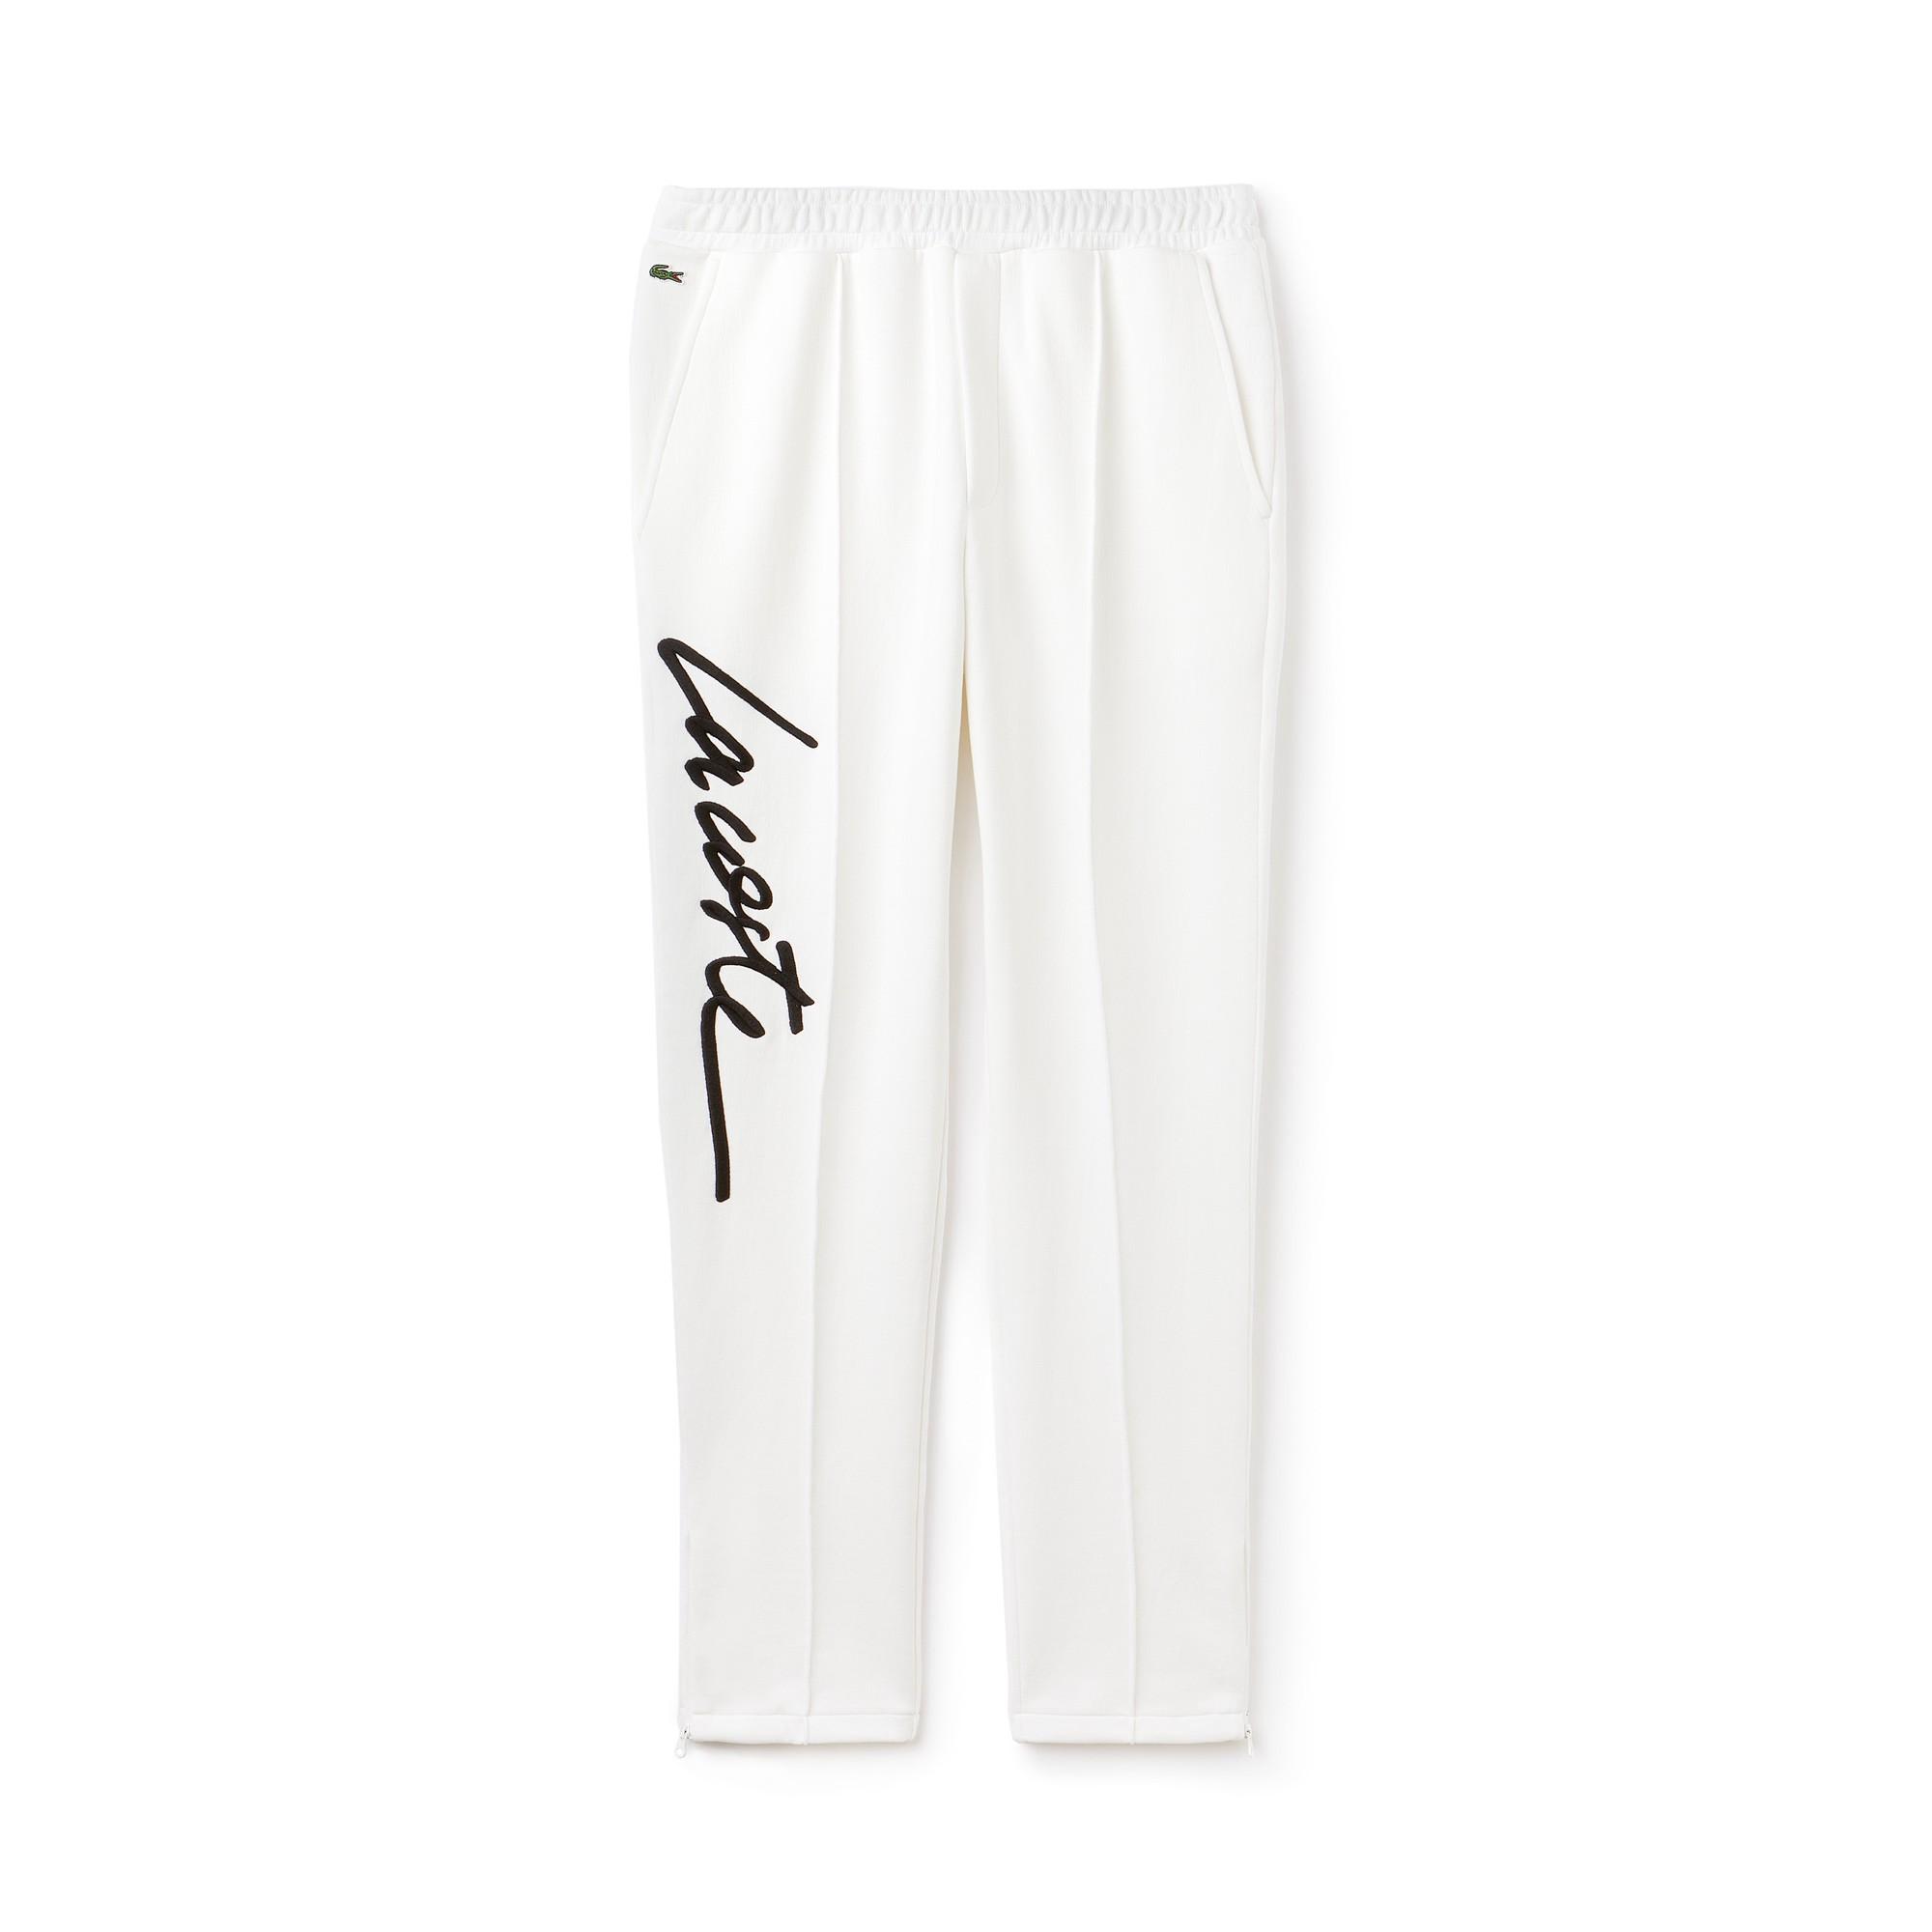 7b9cb926e0 Lacoste Unisex Live Embroidered Fleece Urban Jogging Pants - Flour ...